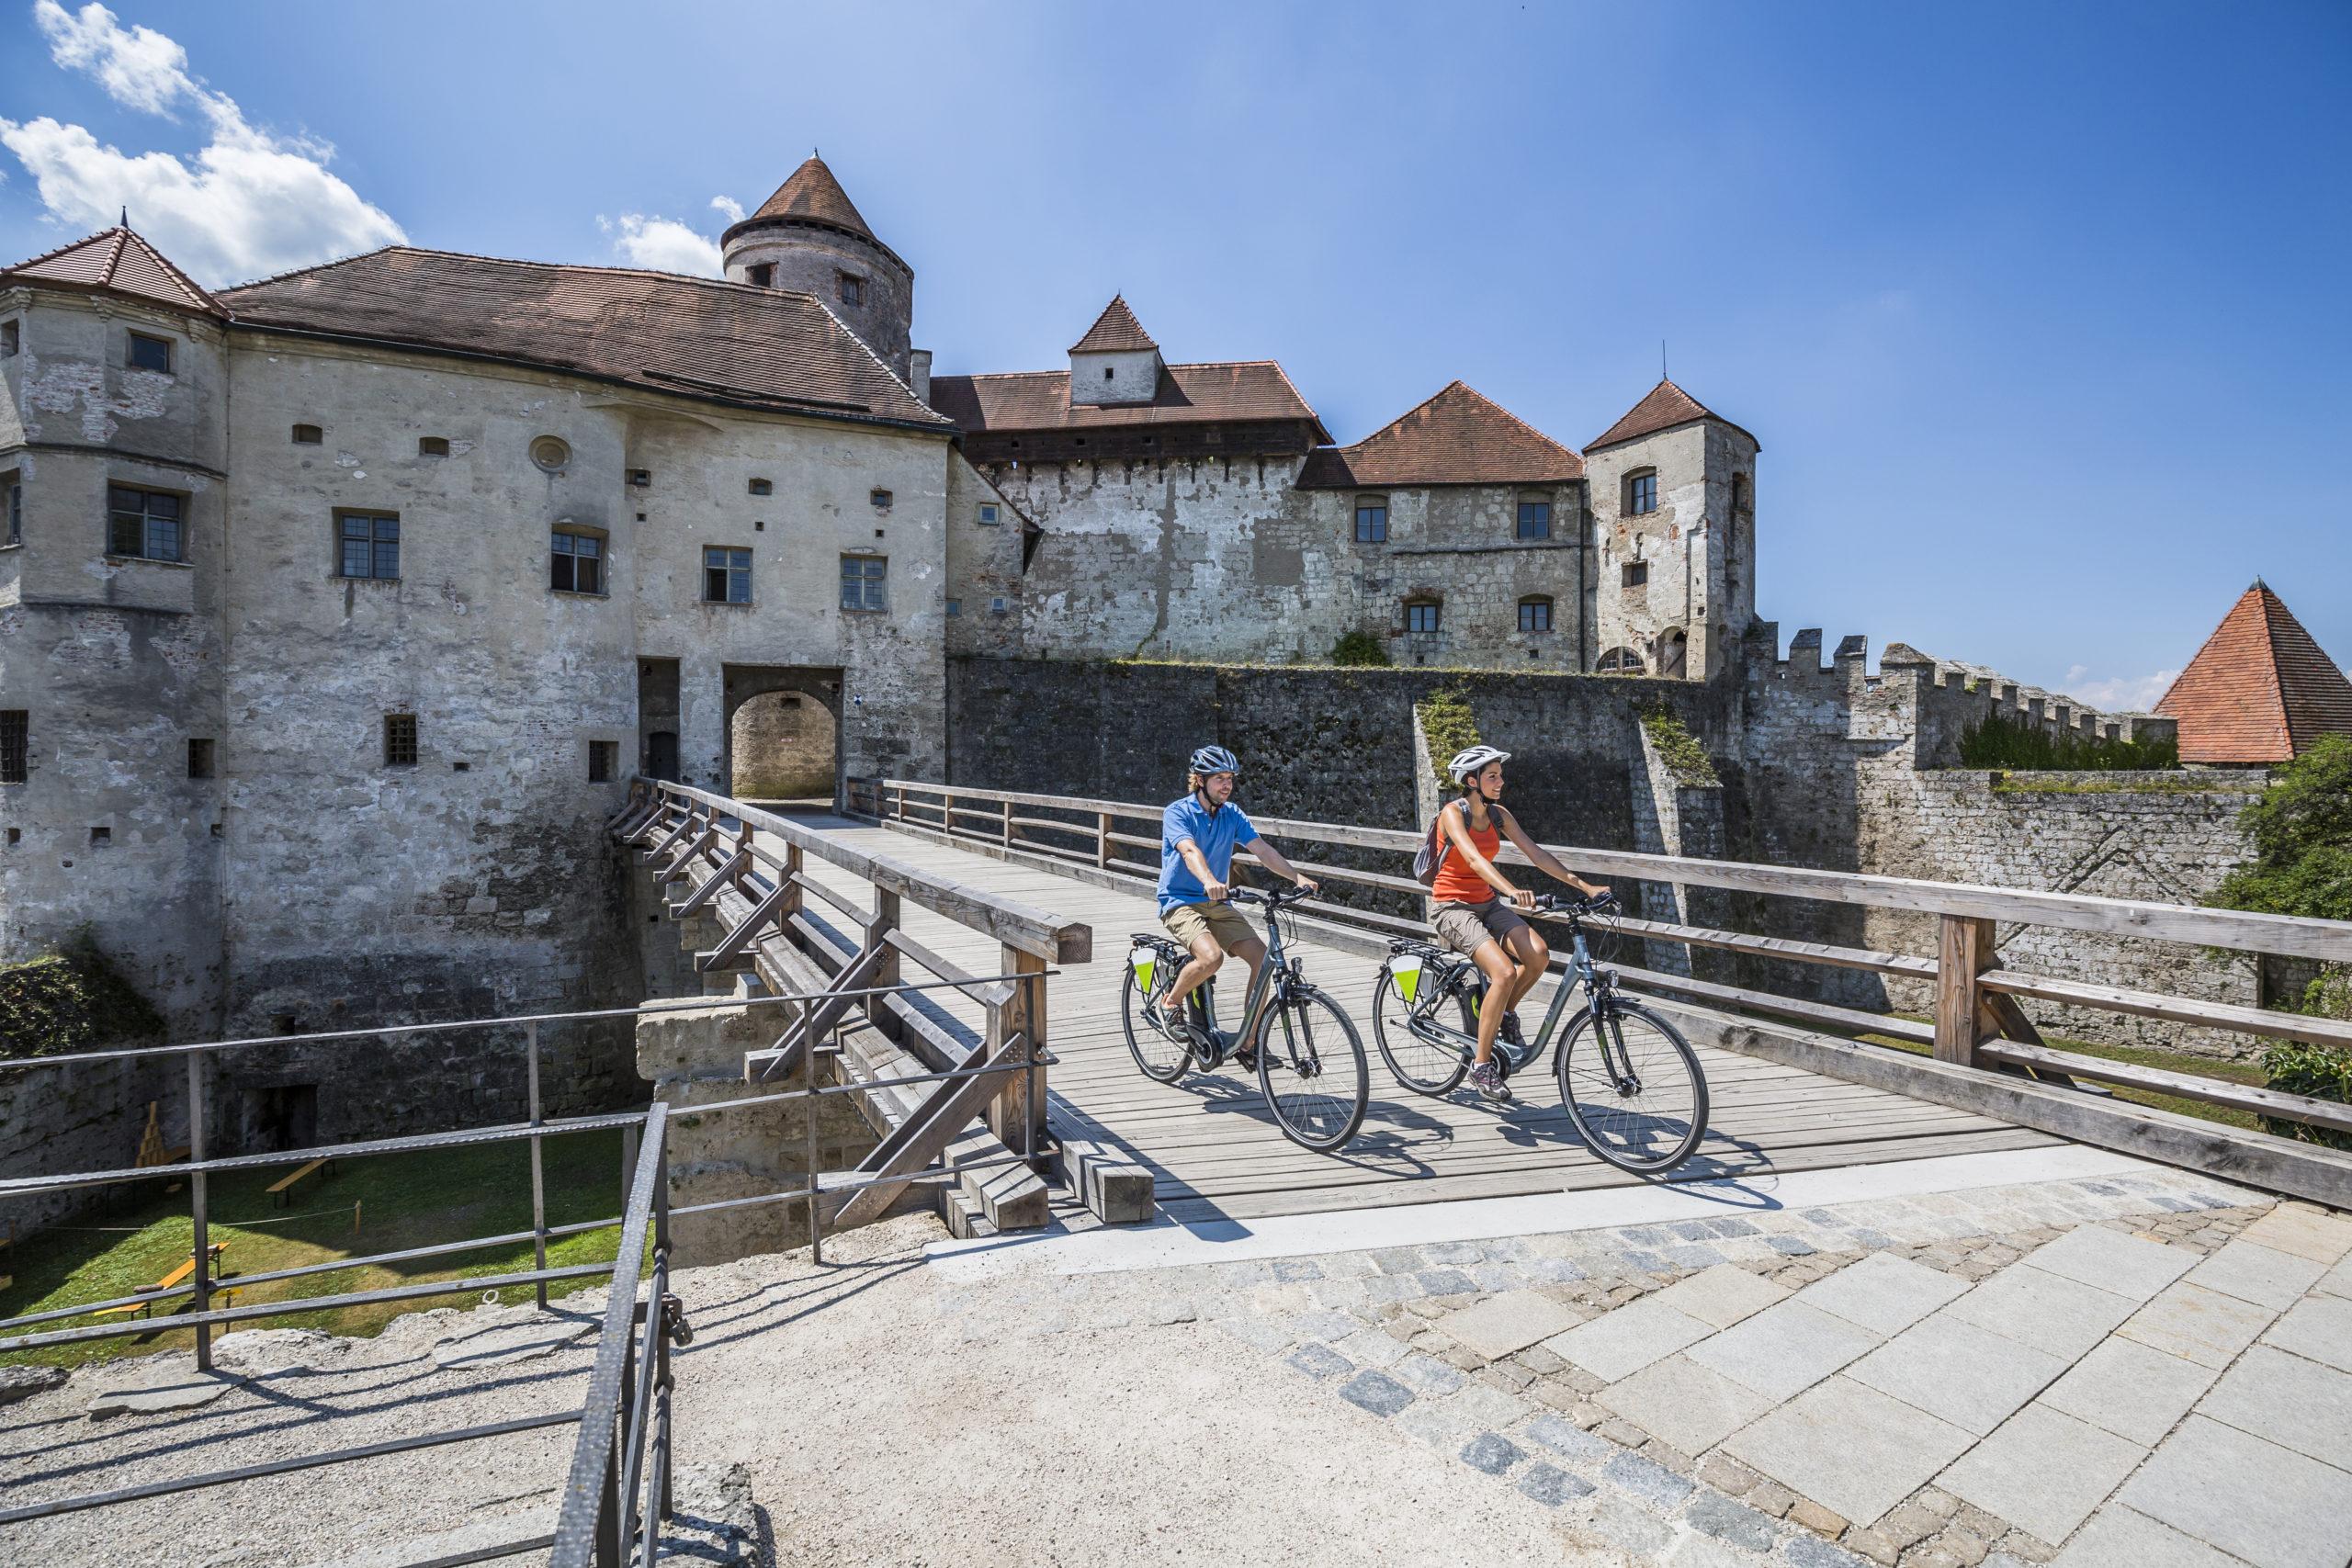 Radtour entlang der Inn und Salzach